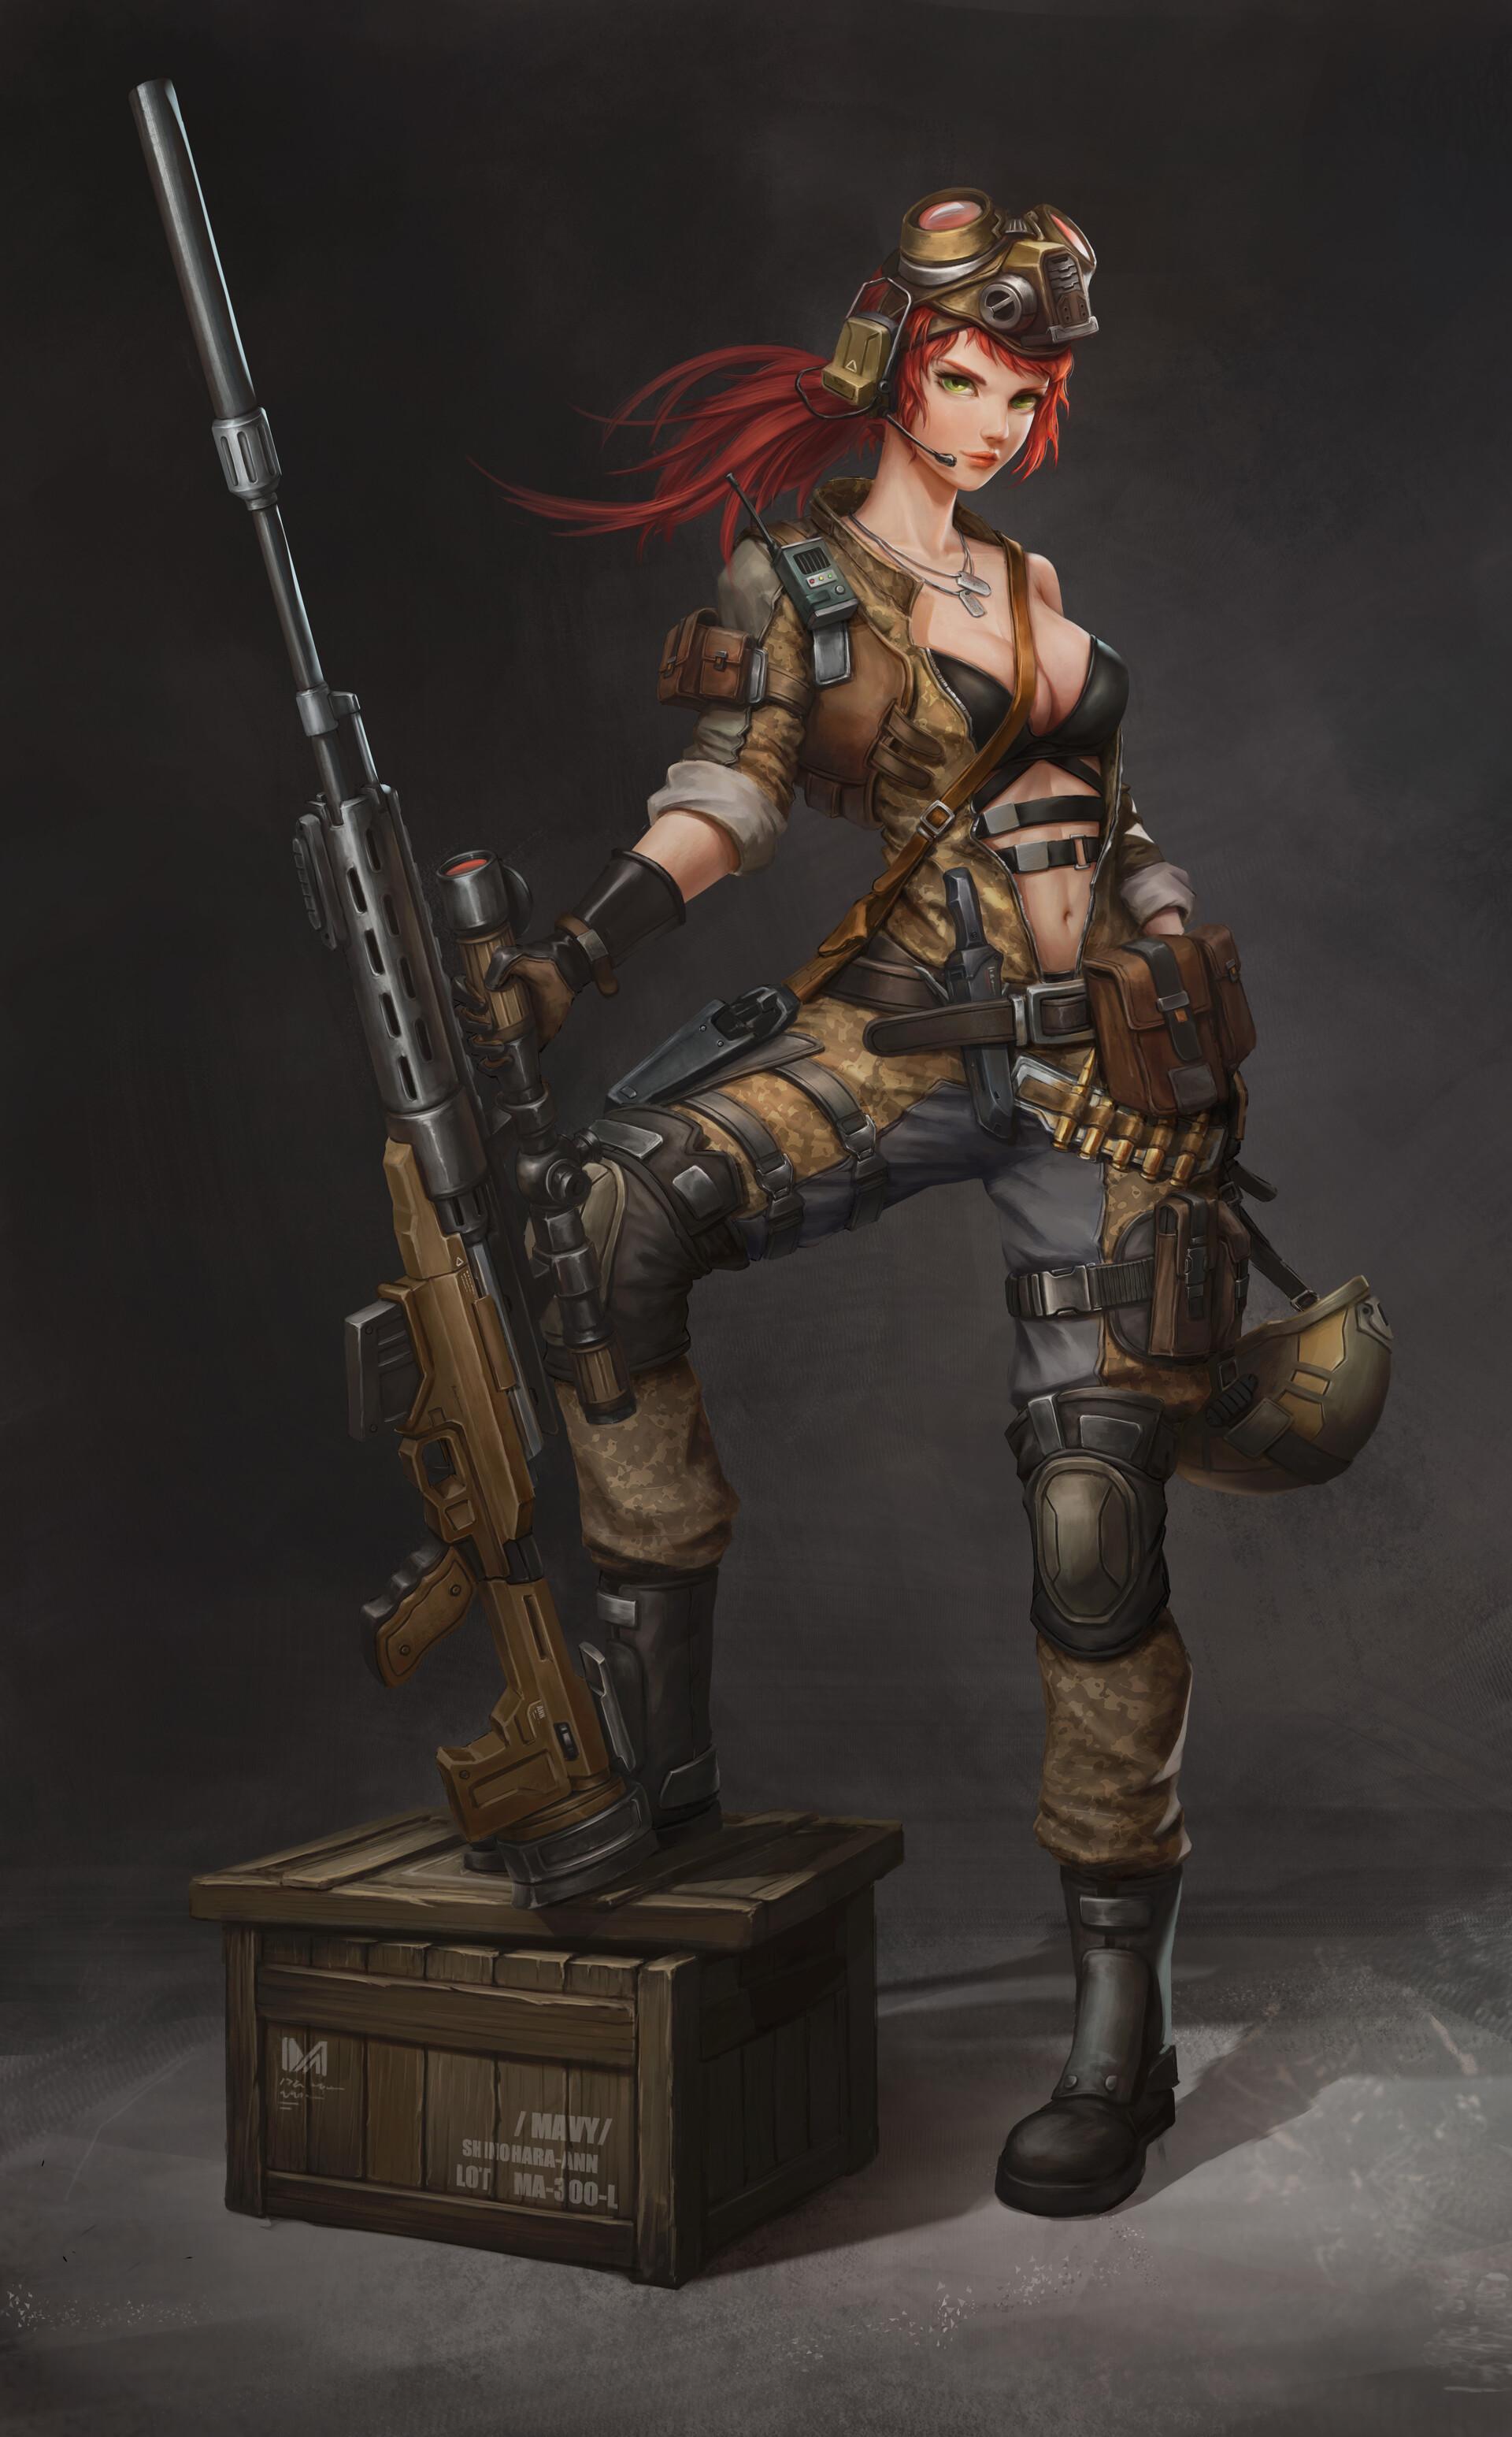 Female Sniper Art